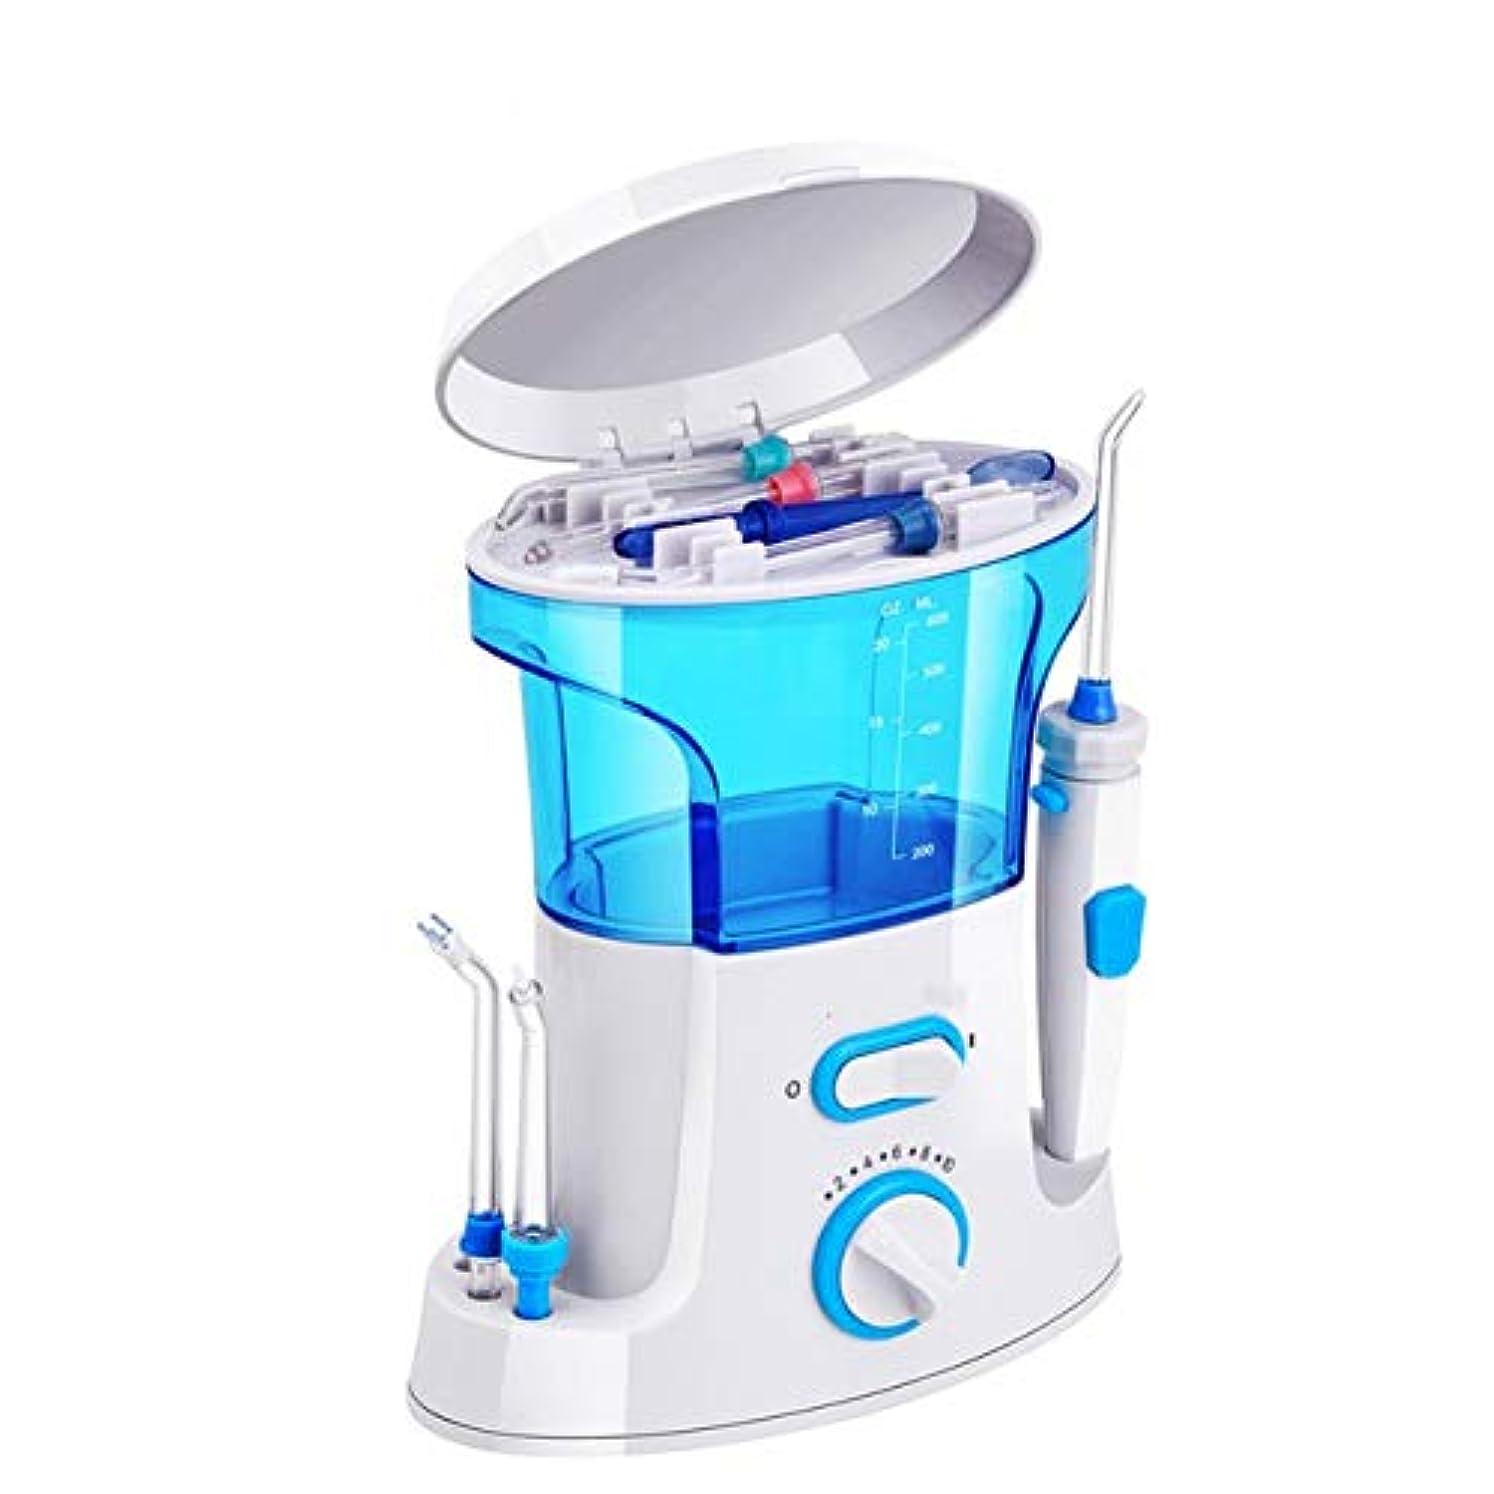 忍耐群れ農業口頭洗浄器、電気コードレス口頭洗浄器ポータブル8ノズル10調節可能な圧力歯科歯のクリーニングケア